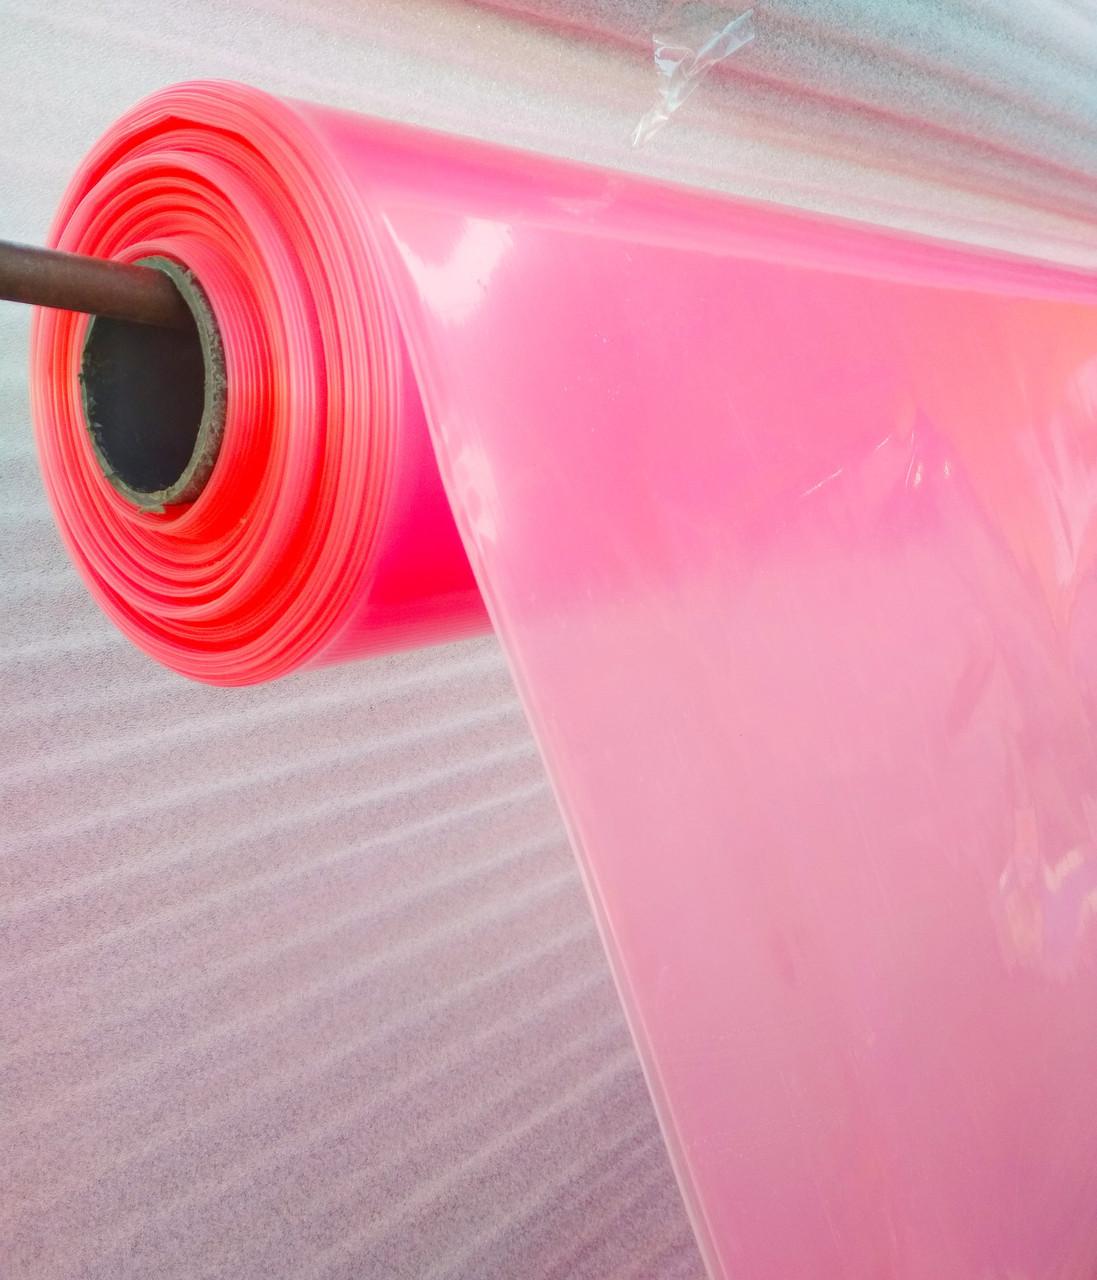 Пленка тепличная розовая 200 мкм, ширина 6 метров.Уф-стабилизация 36 месяцев.